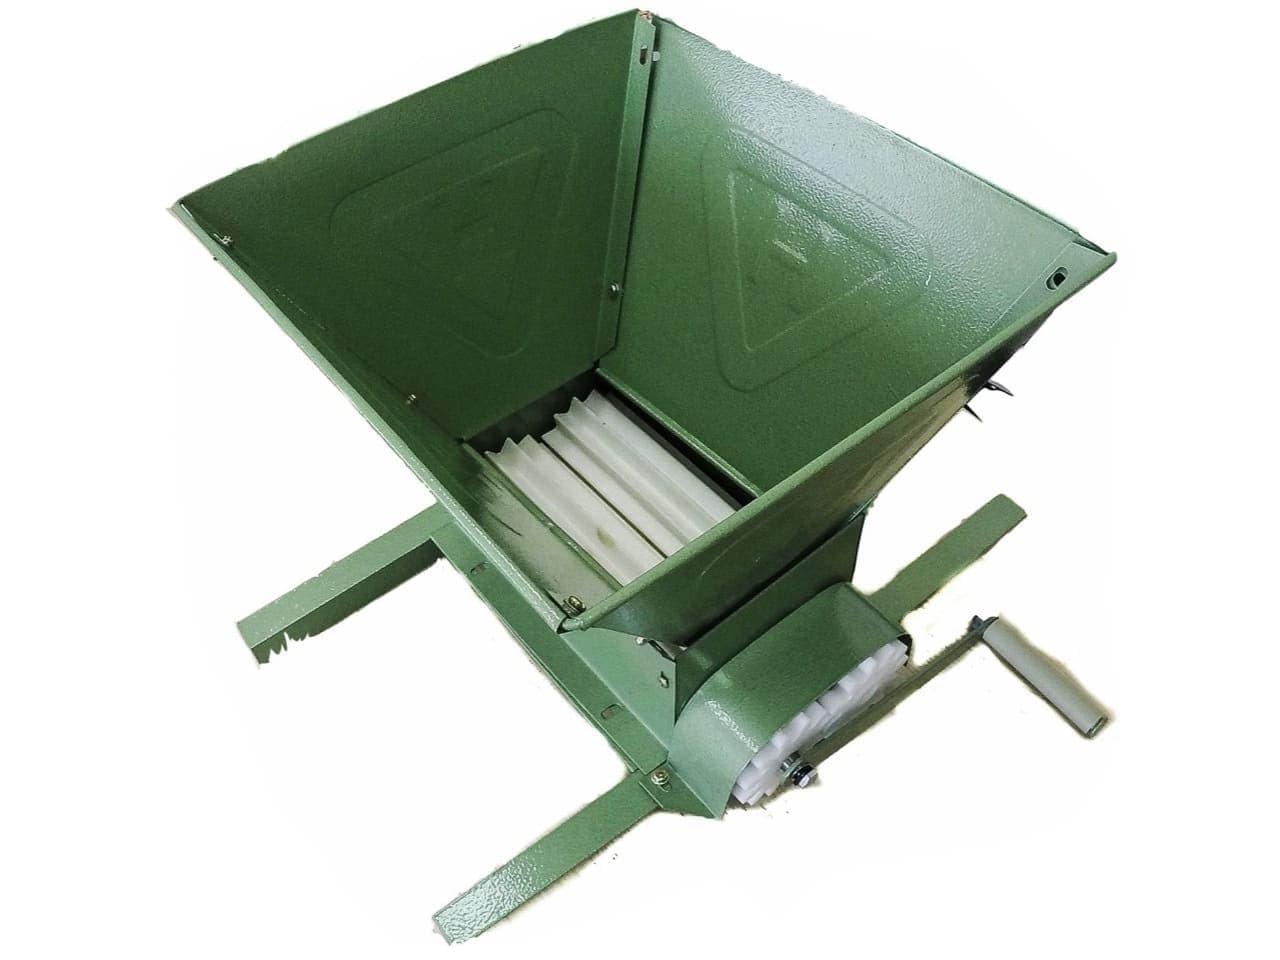 Дробилка механическая для винограда ДВ-4, до 300 кг/ч - фото 7700